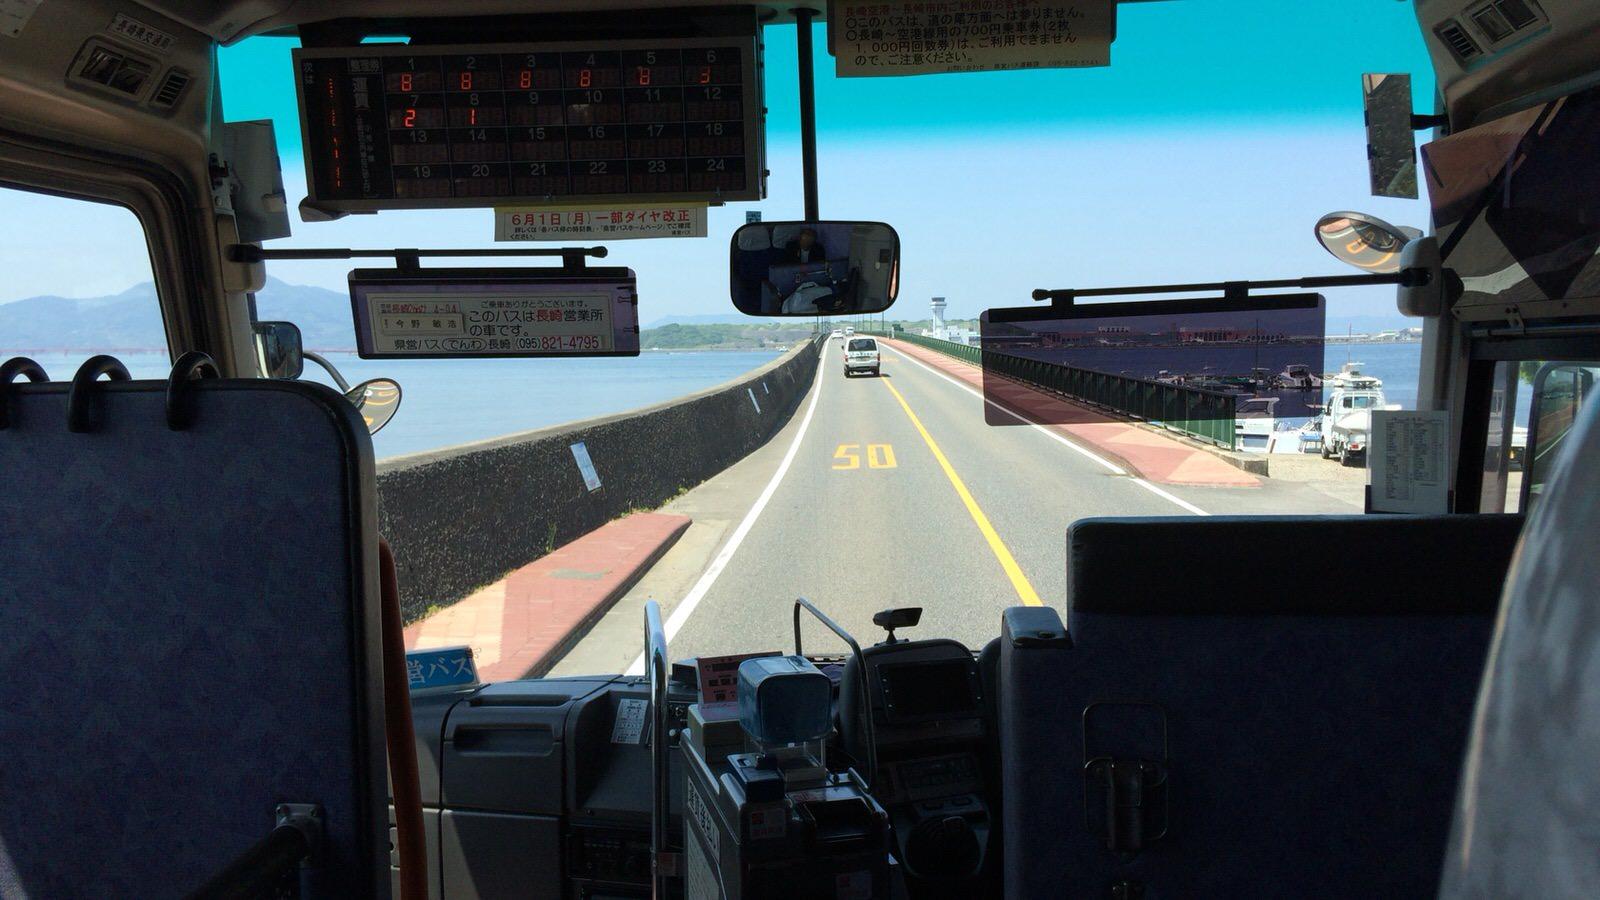 長崎駅から高速バスで長崎空港(大村)に行く方法。